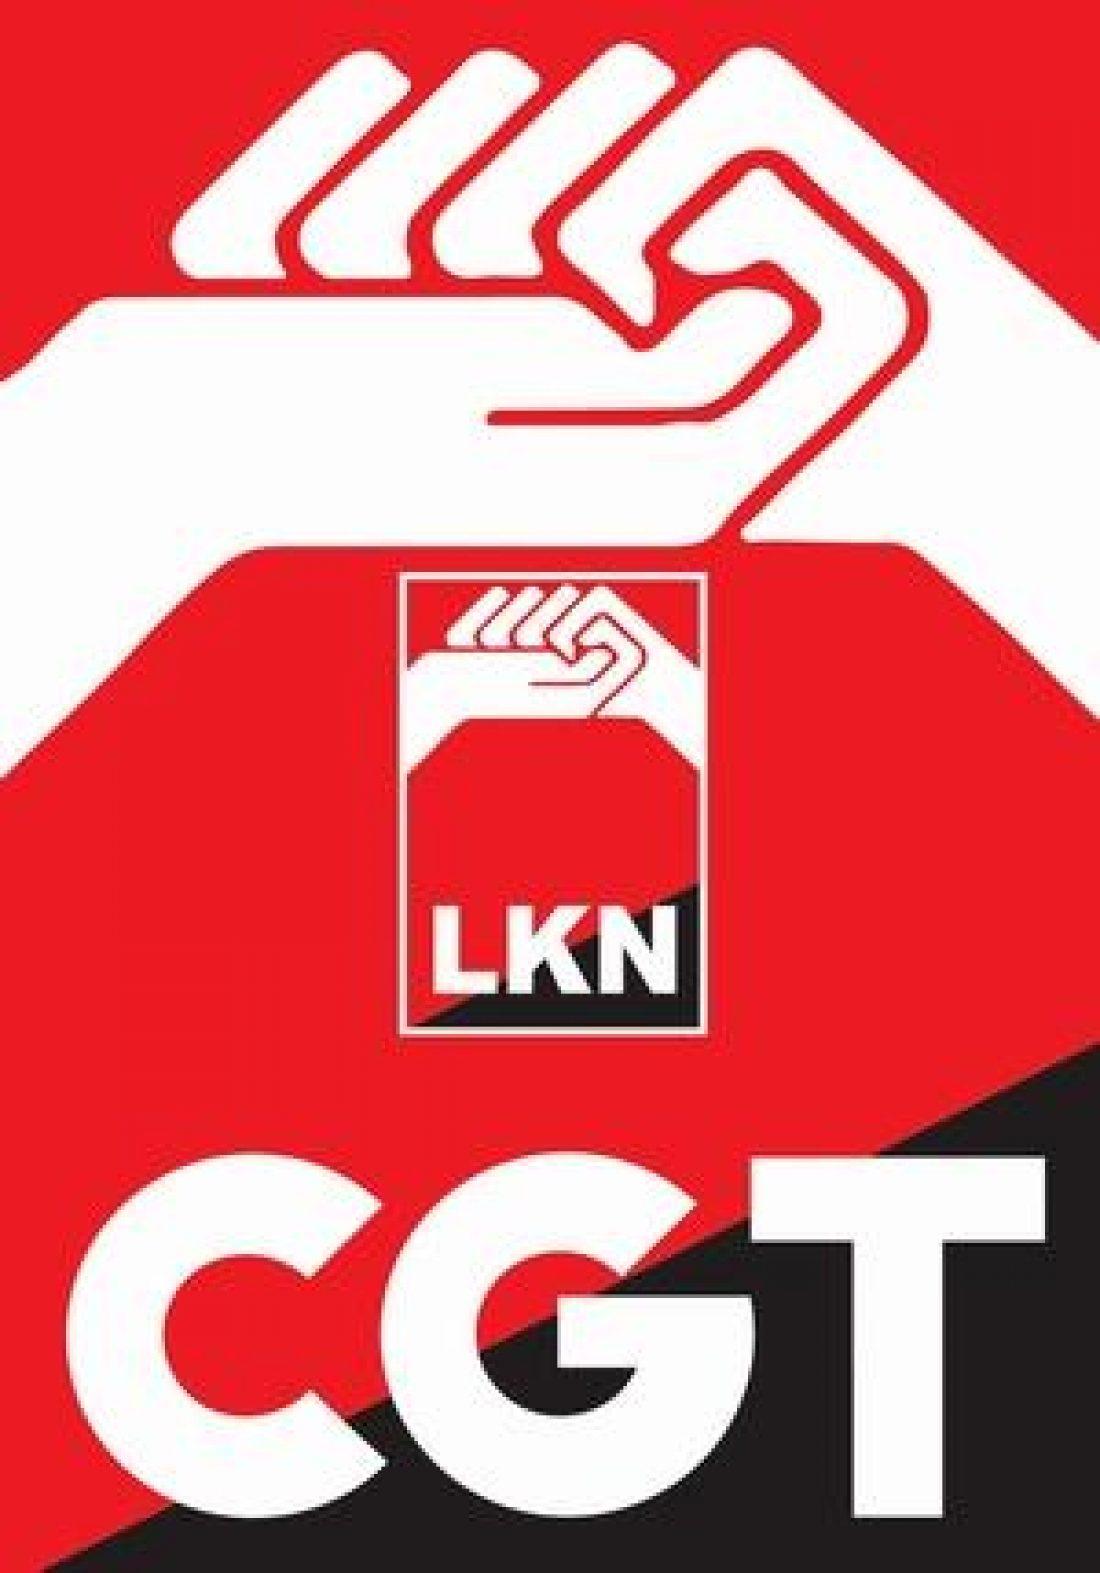 Comunicado de CGT-LKN ante la huelga general convocada para el 21 de mayo en Euskadi